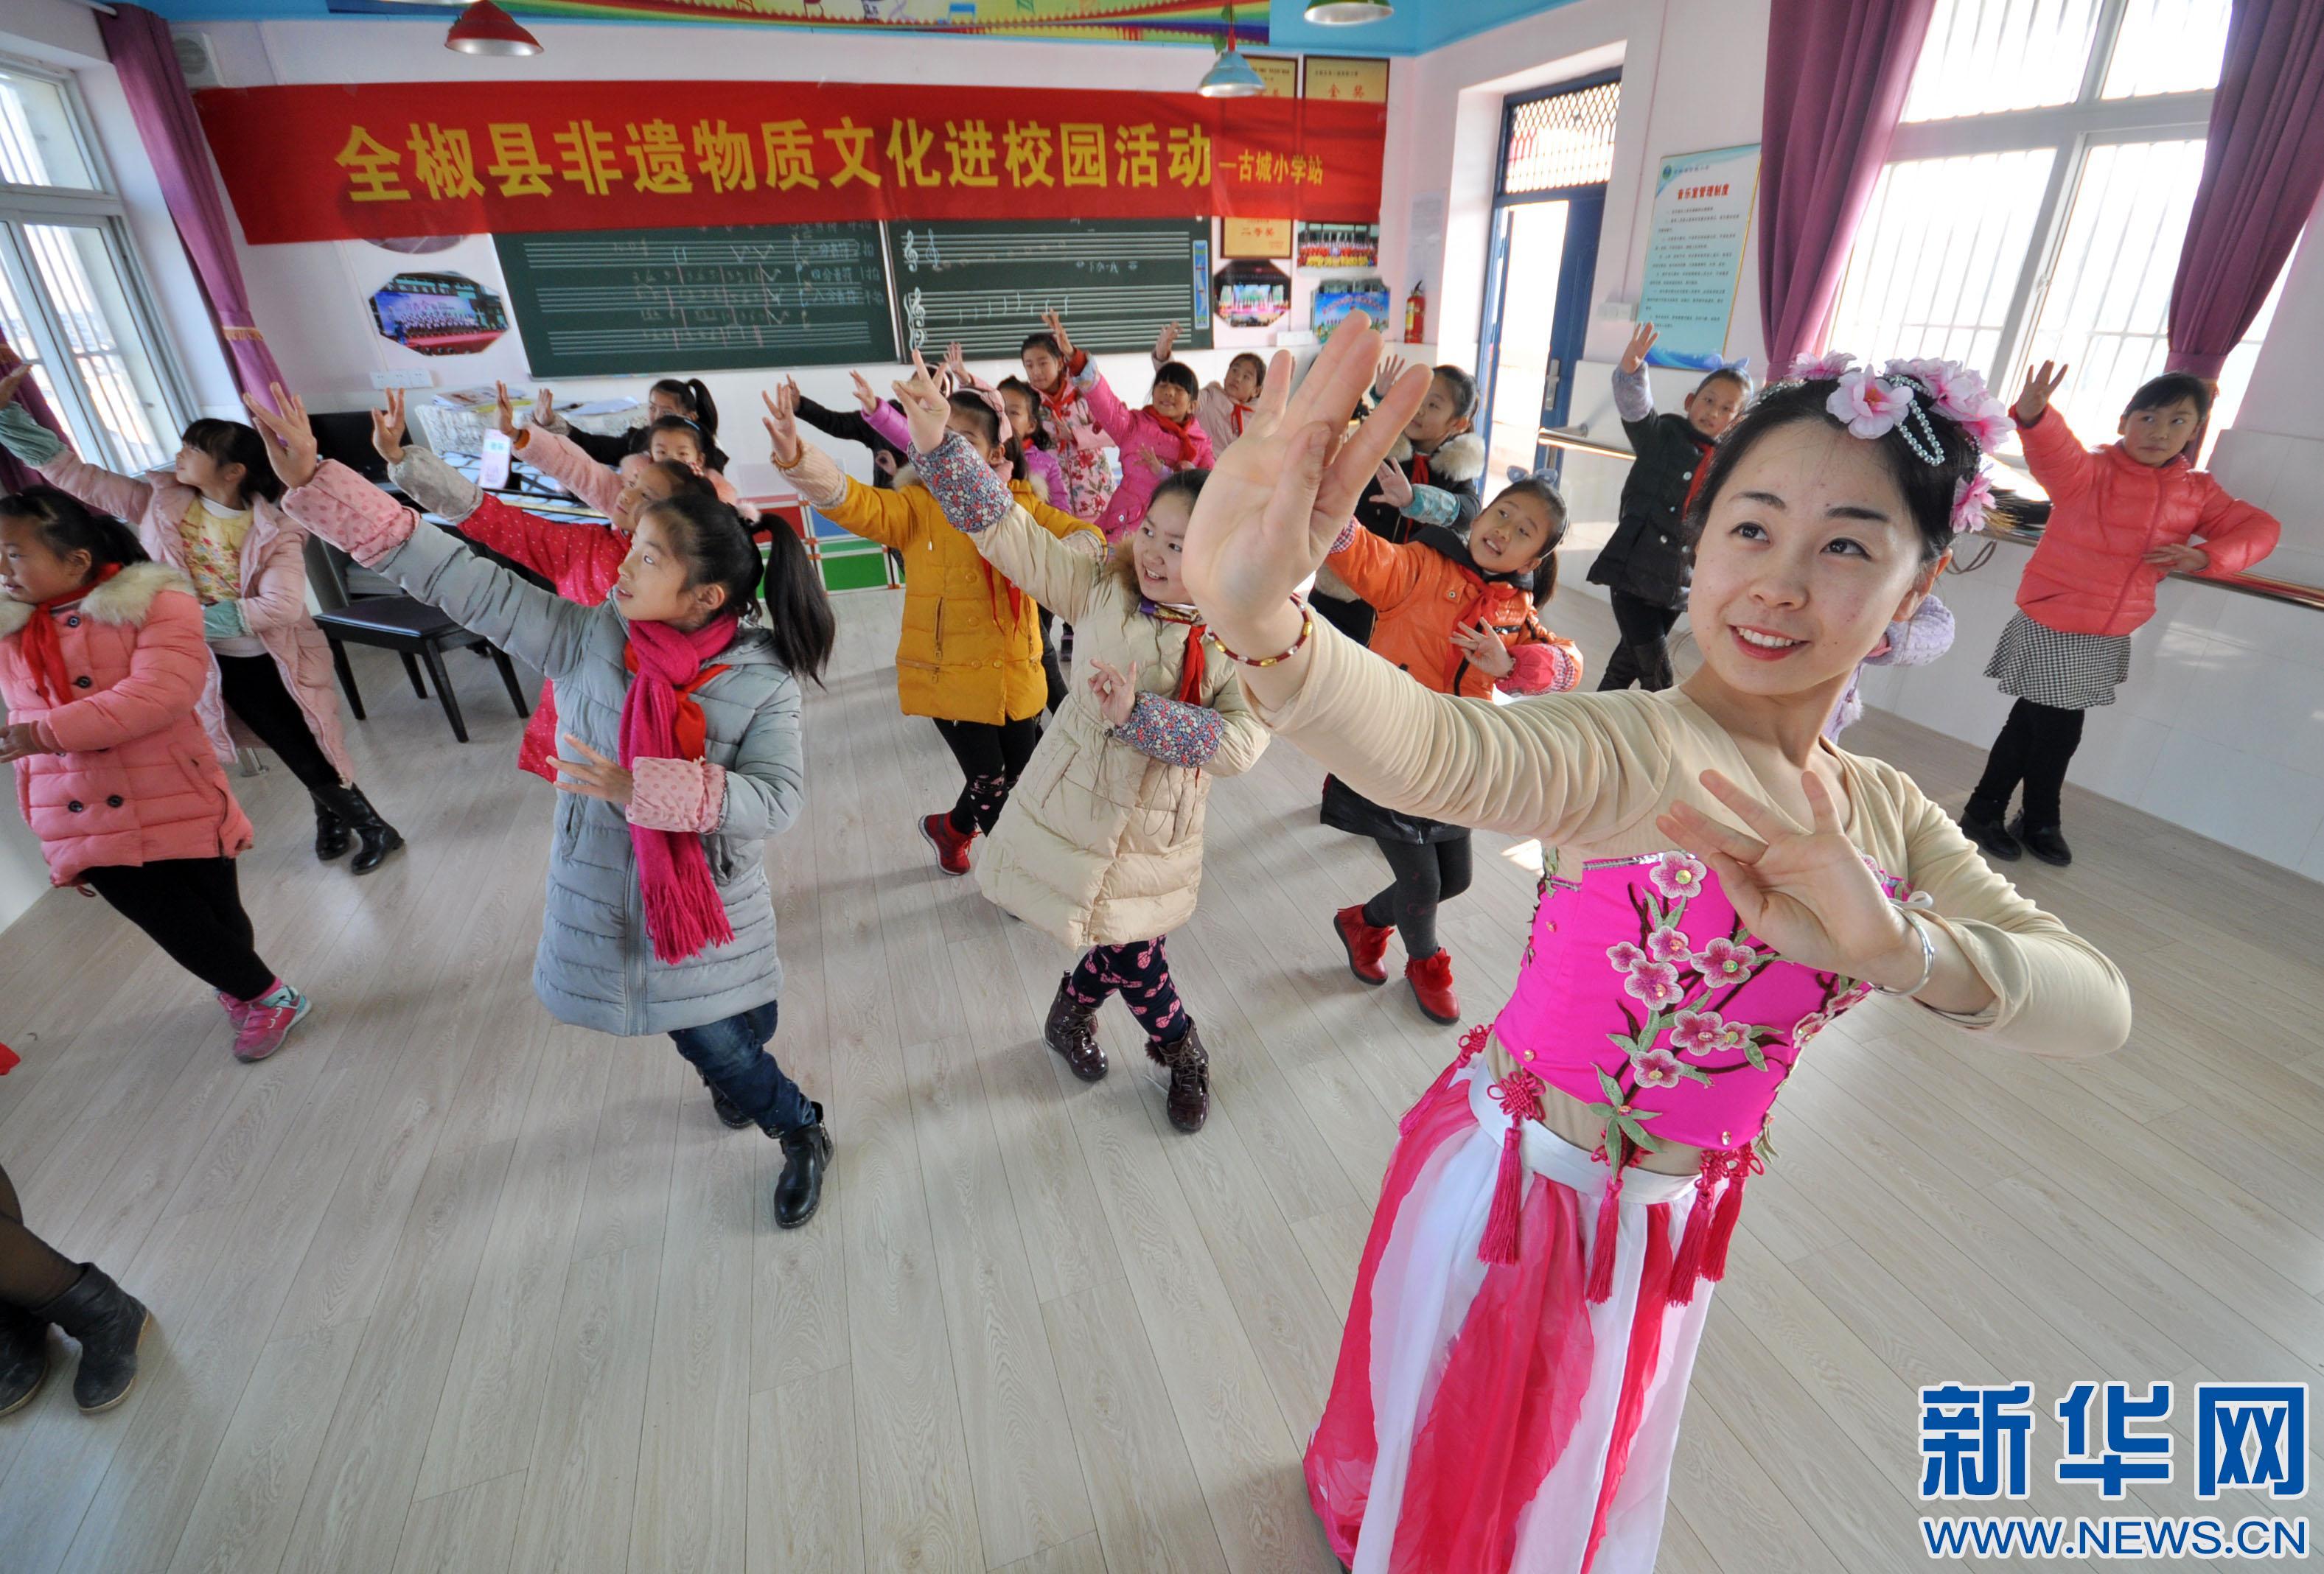 安徽全椒:省级非遗全椒民歌走进小学音乐课